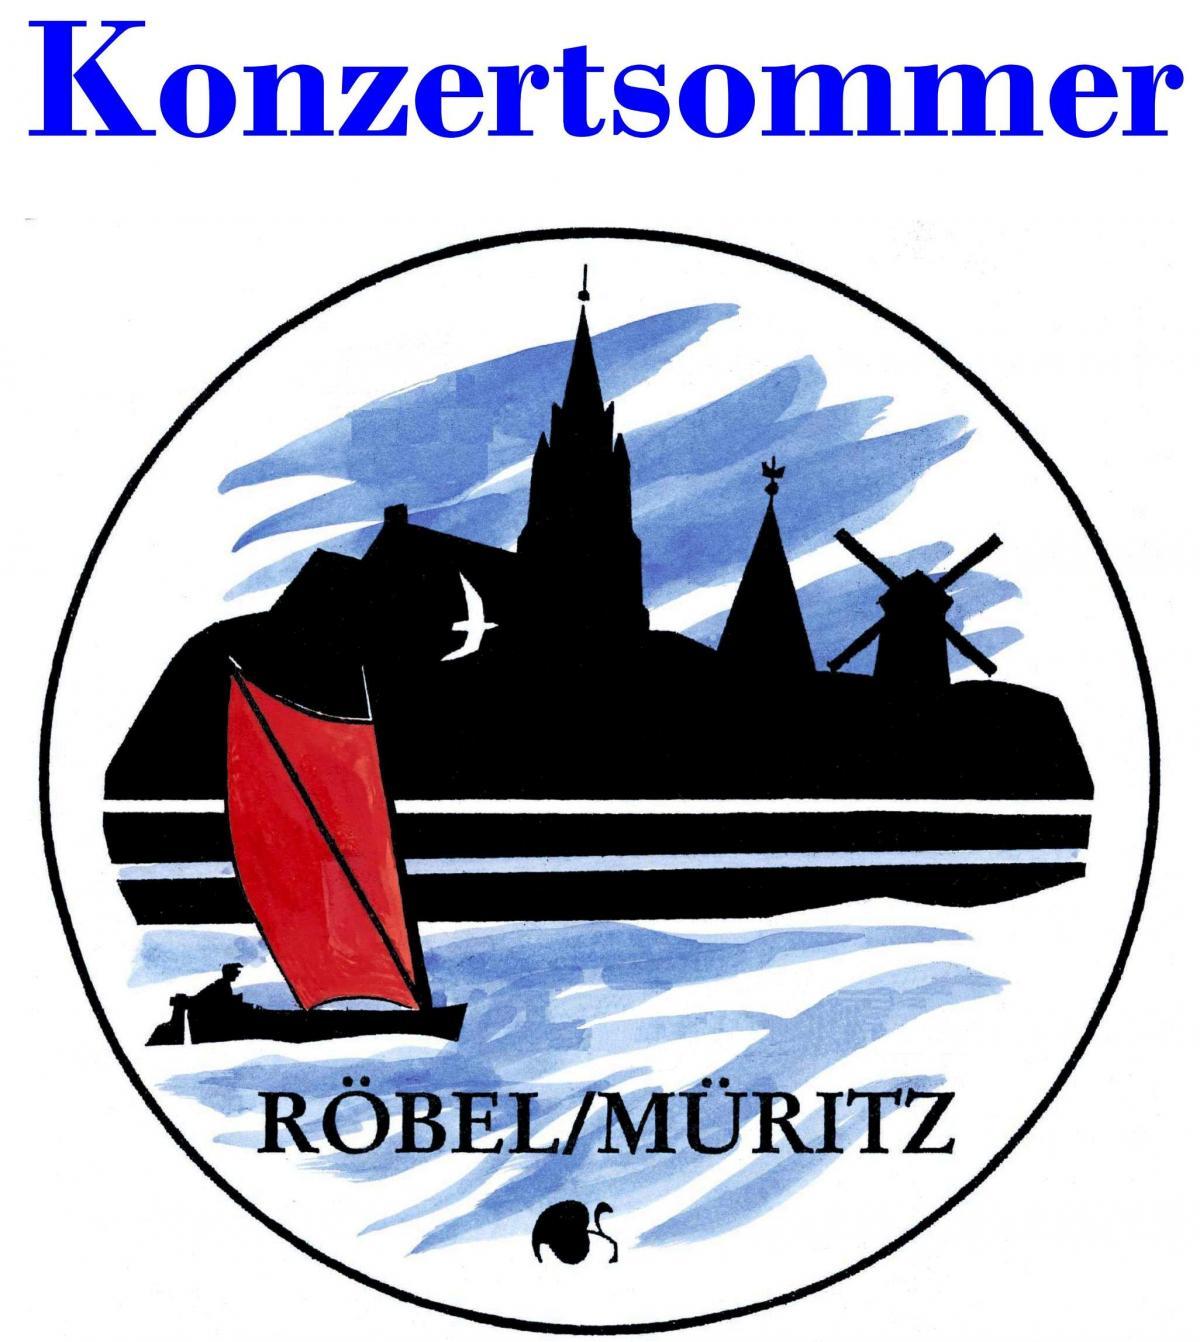 logo-konzertsommer_4